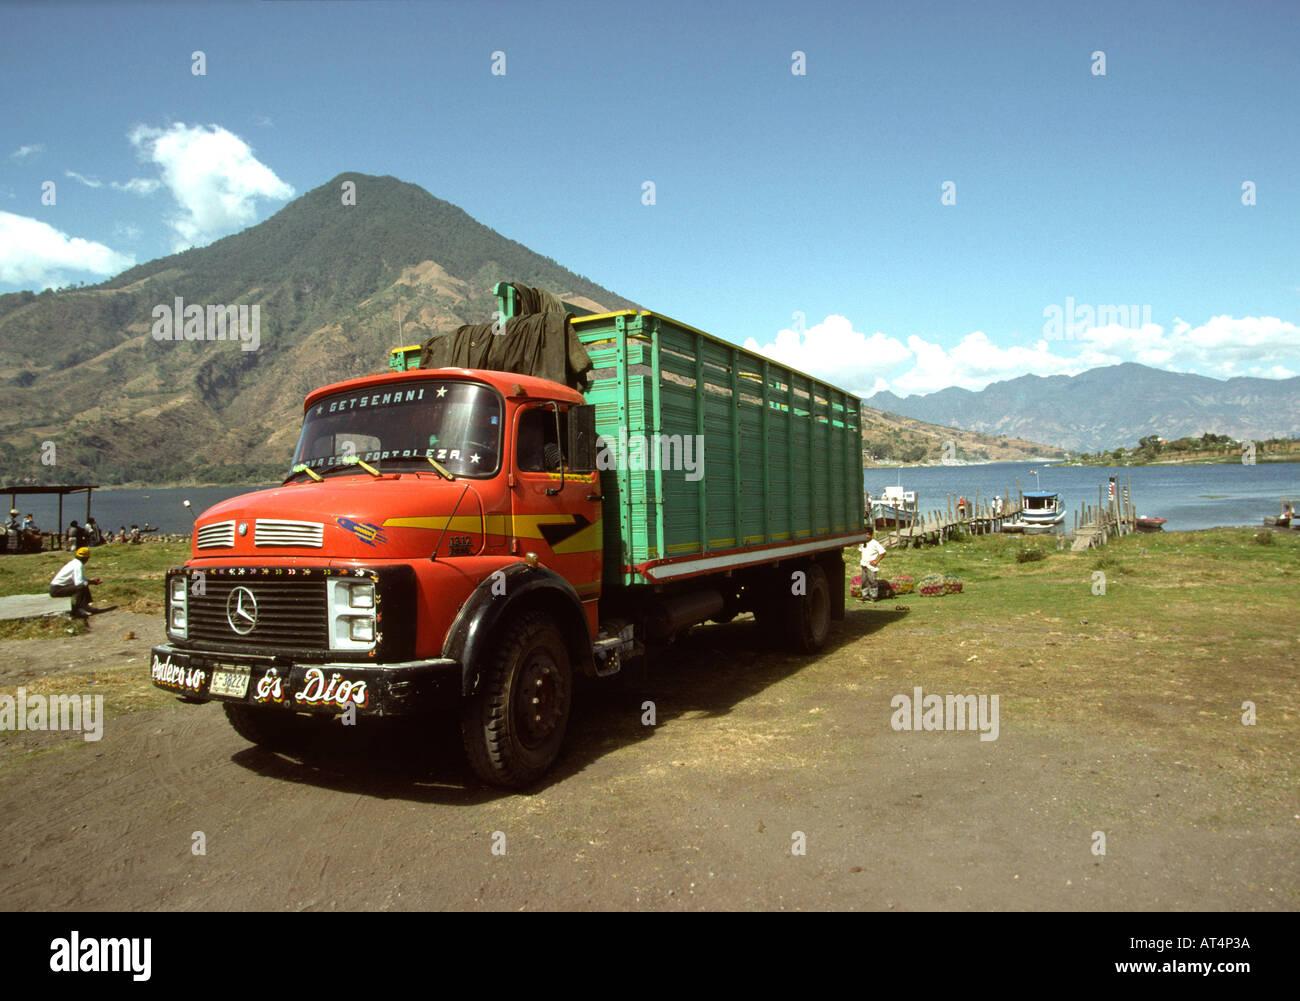 Guatemala Santiago Atitlan Lorry on Lake Atitlan shore - Stock Image